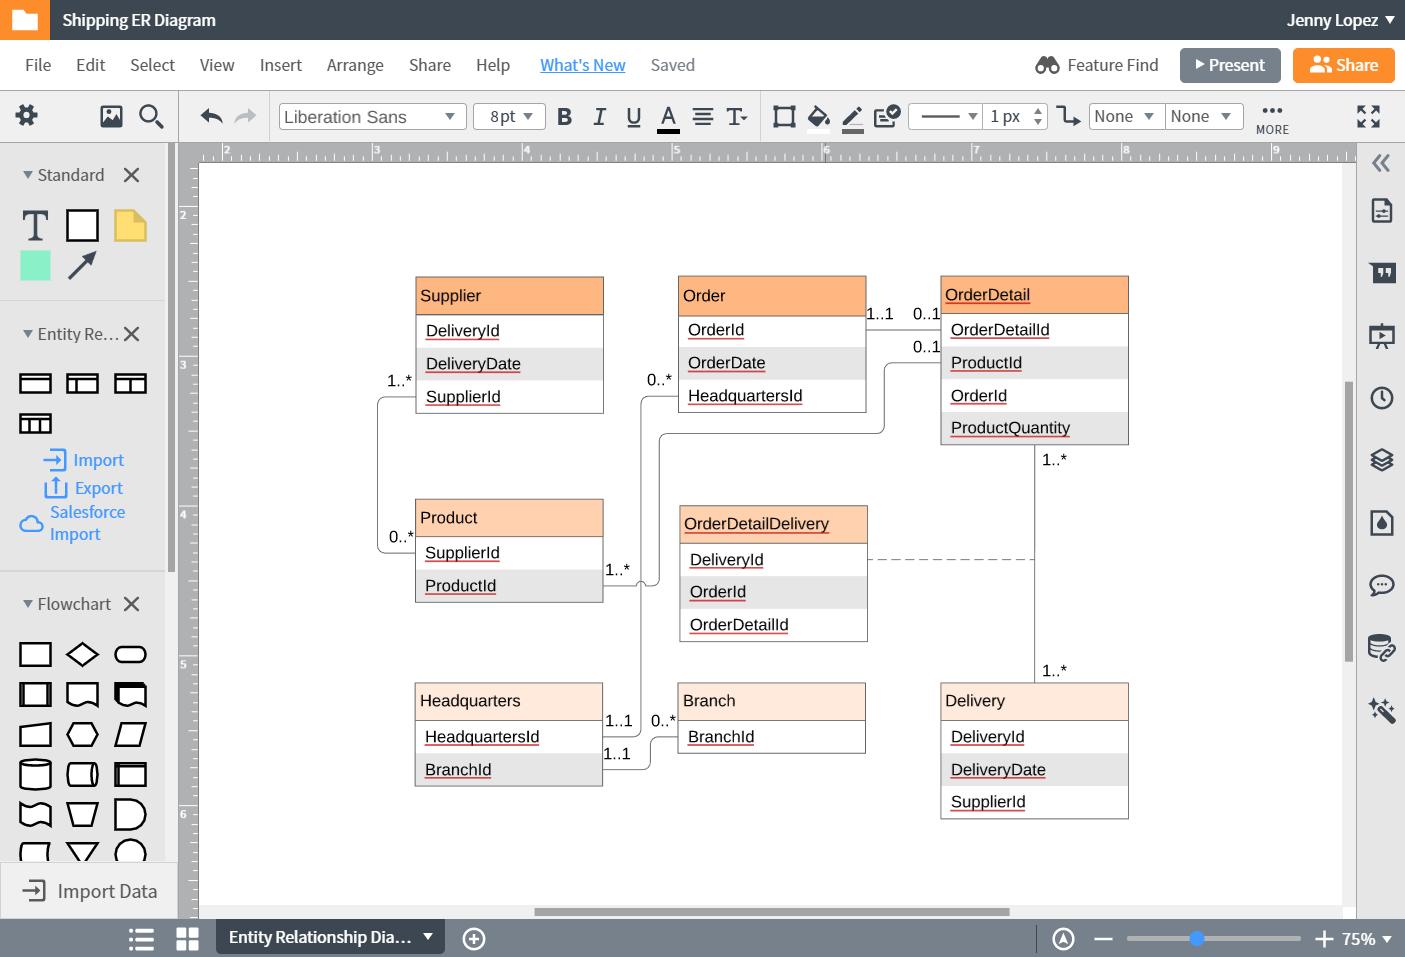 Er Diagram (Erd) Tool | Lucidchart within Erd Creator